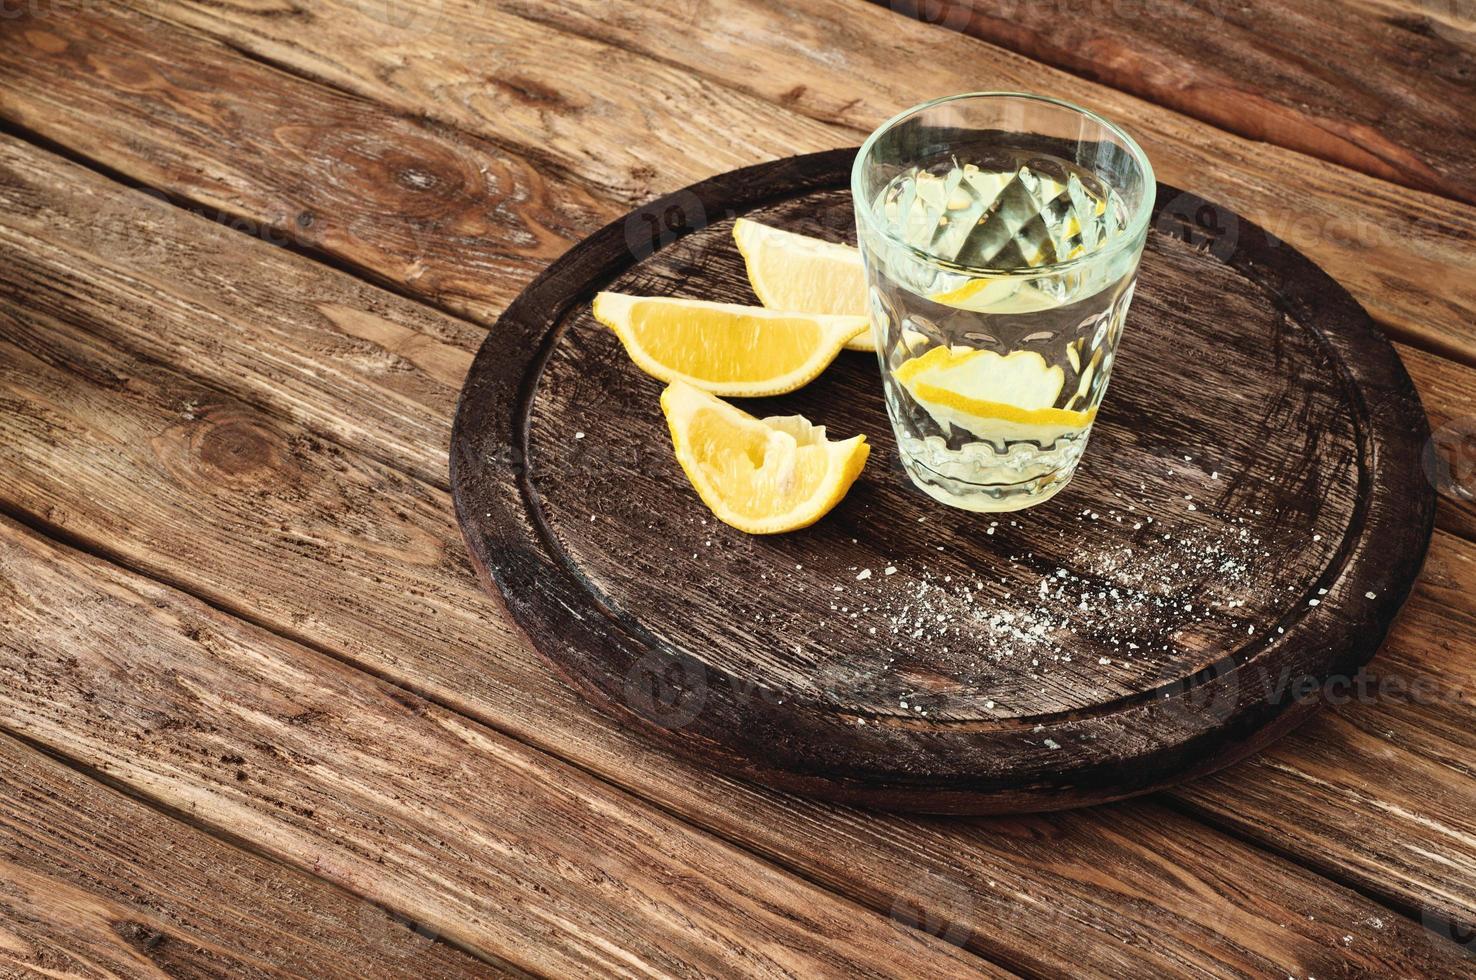 Vaso de tequila con rodajas de limón sobre un fondo de madera foto